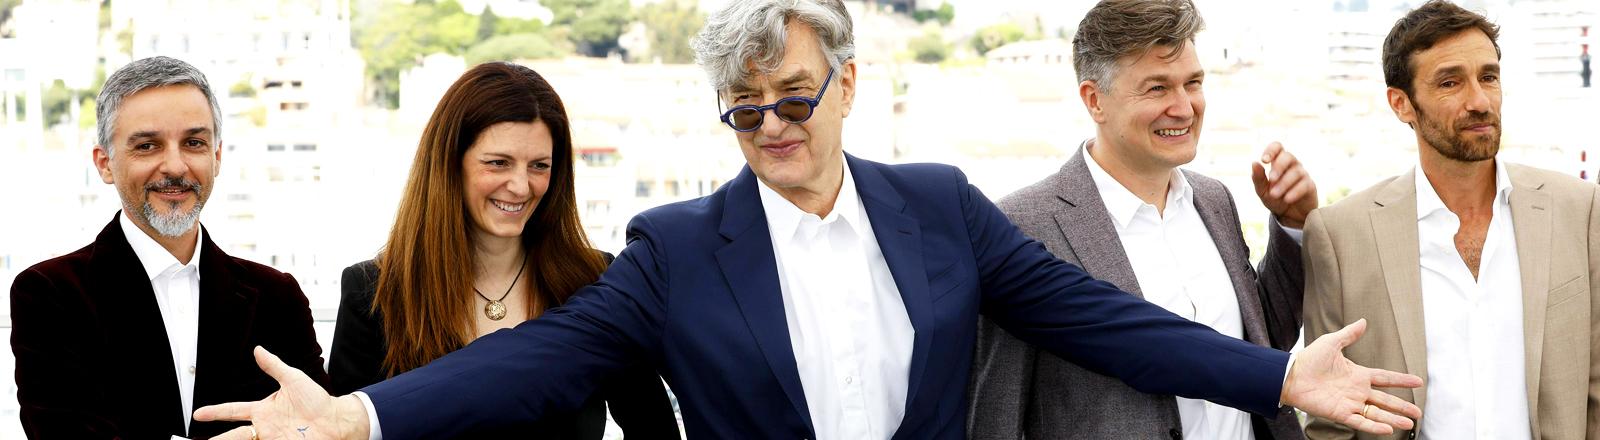 """Regisseur Wim Wenders und die Filmcrew von """"Pope Francis - a man of his word"""""""